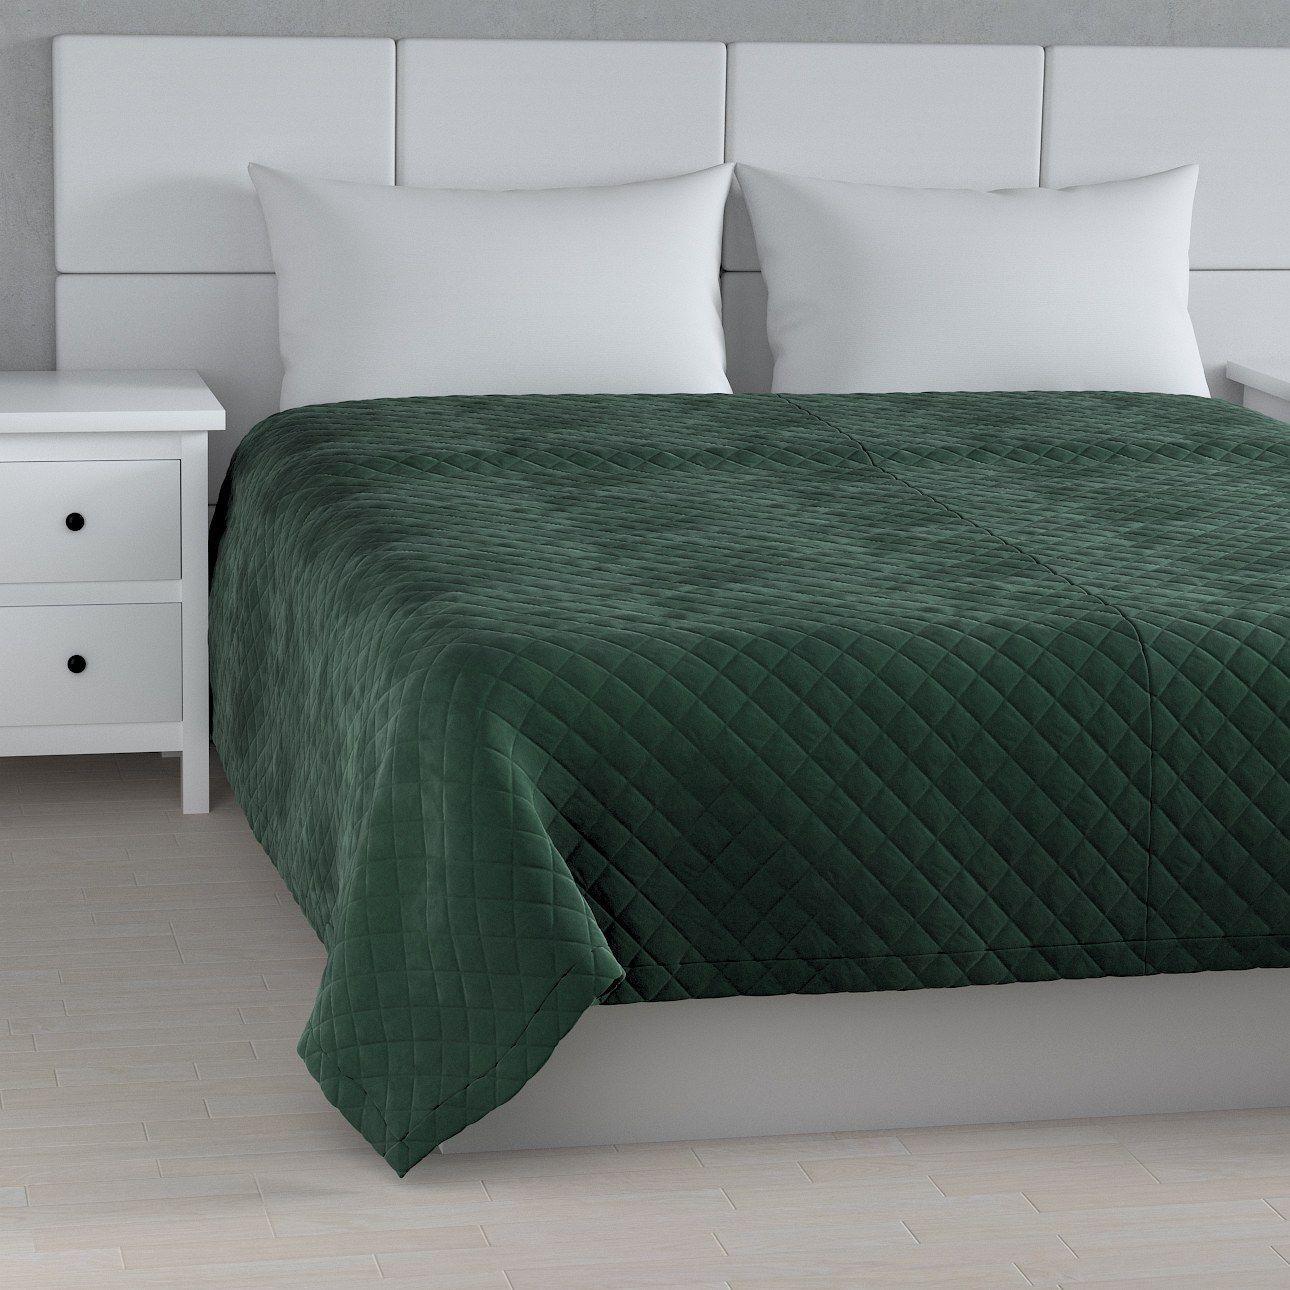 Narzuta pikowana w romby, ciemny zielony, szer.210  dł.170 cm, Velvet